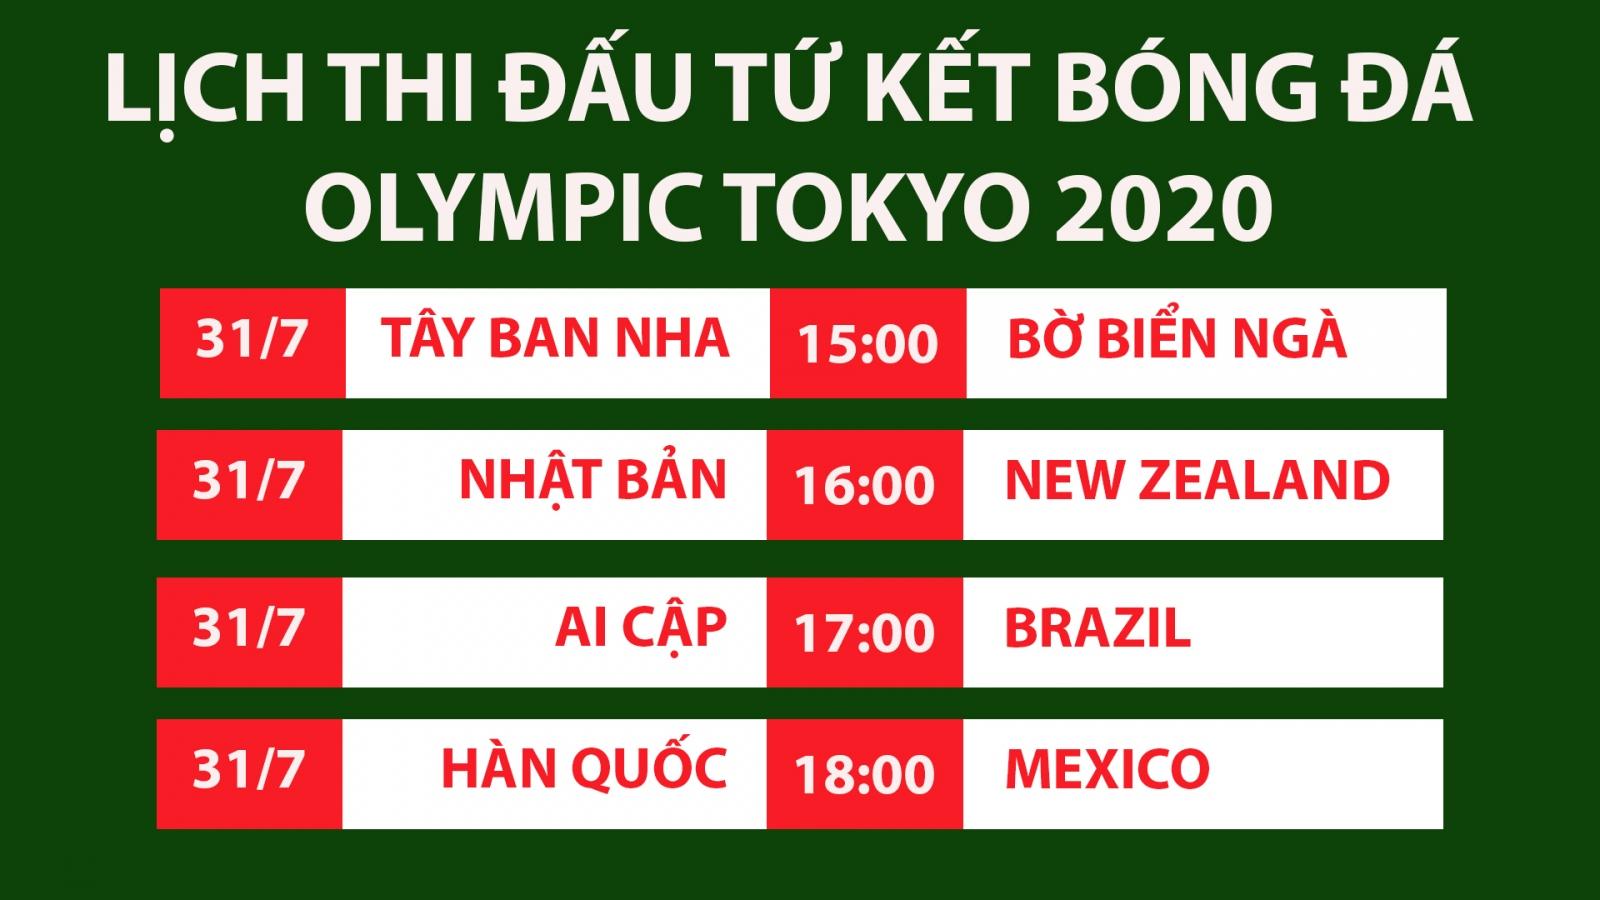 Lịch thi đấu vòng tứ kết bóng đá nam Olympic Tokyo 2020